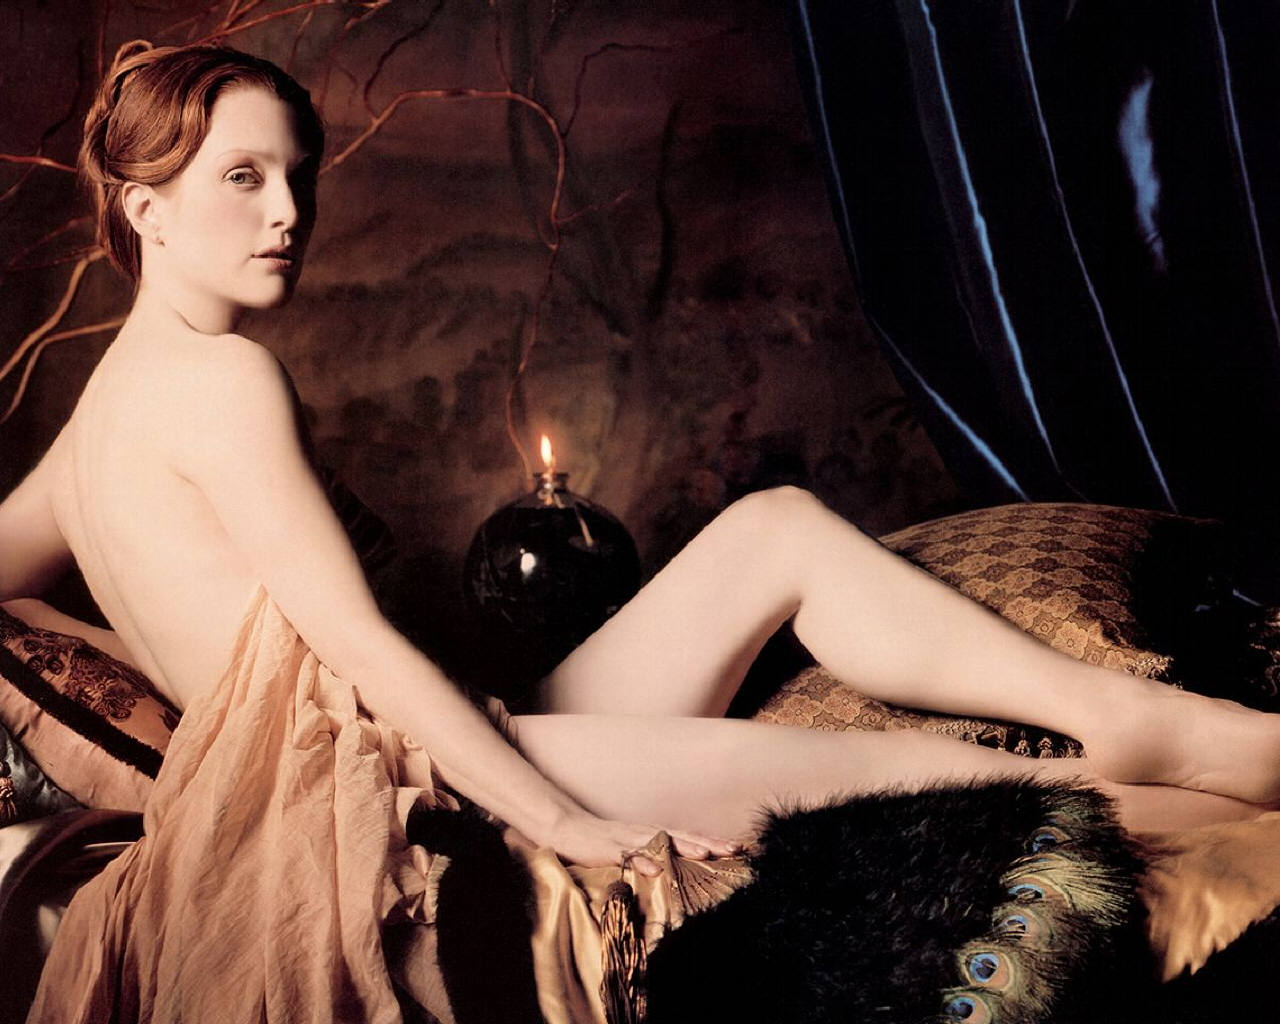 http://3.bp.blogspot.com/_2_n74bWFtA0/S8WYWc0mgUI/AAAAAAAAAKI/B42wqg57fgU/s1600/Julianne-Moore-julianne-moore-253347_1280_1024.jpg